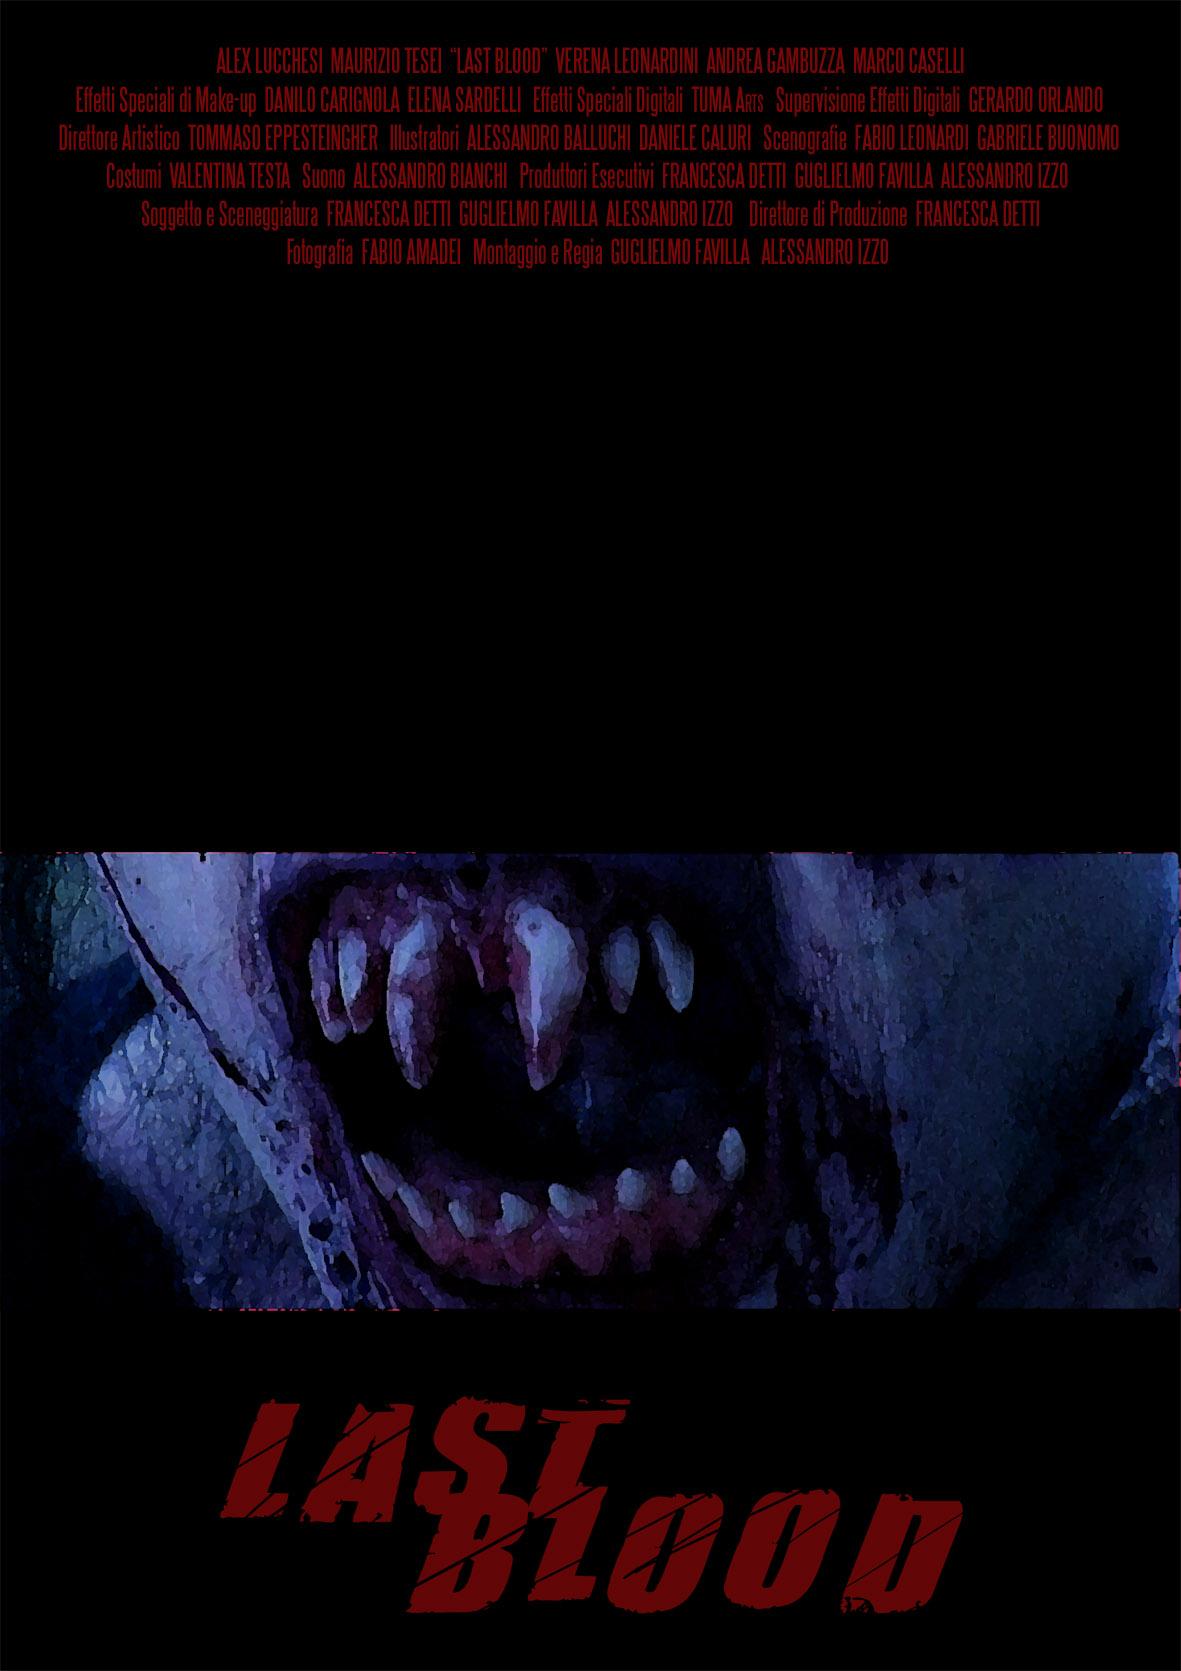 Last Blood (2006)